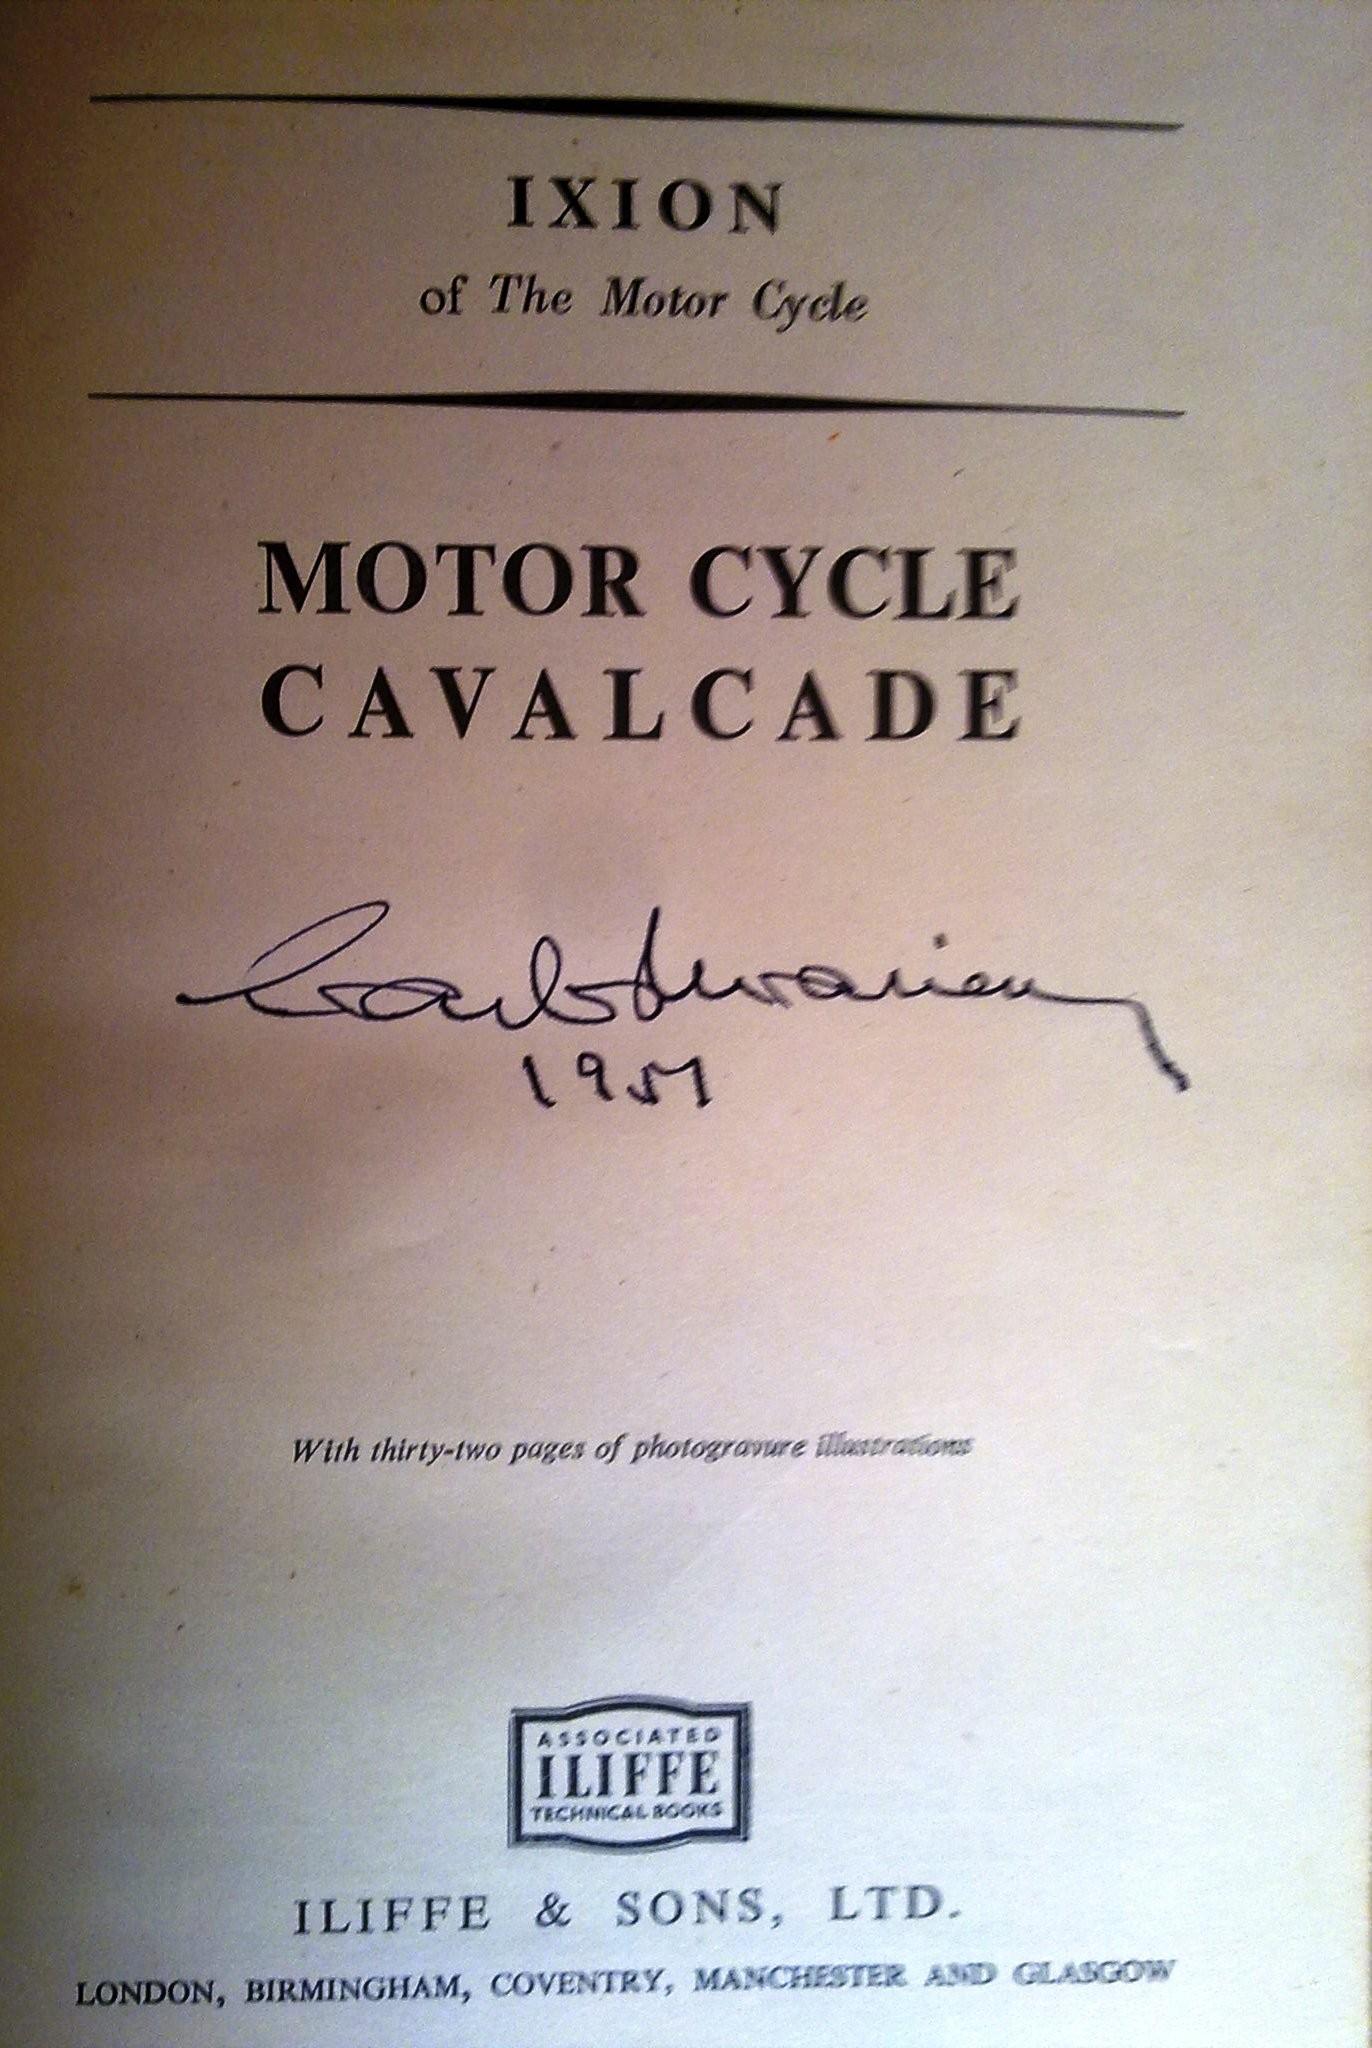 MOTOR CYCLE CAVALCADE